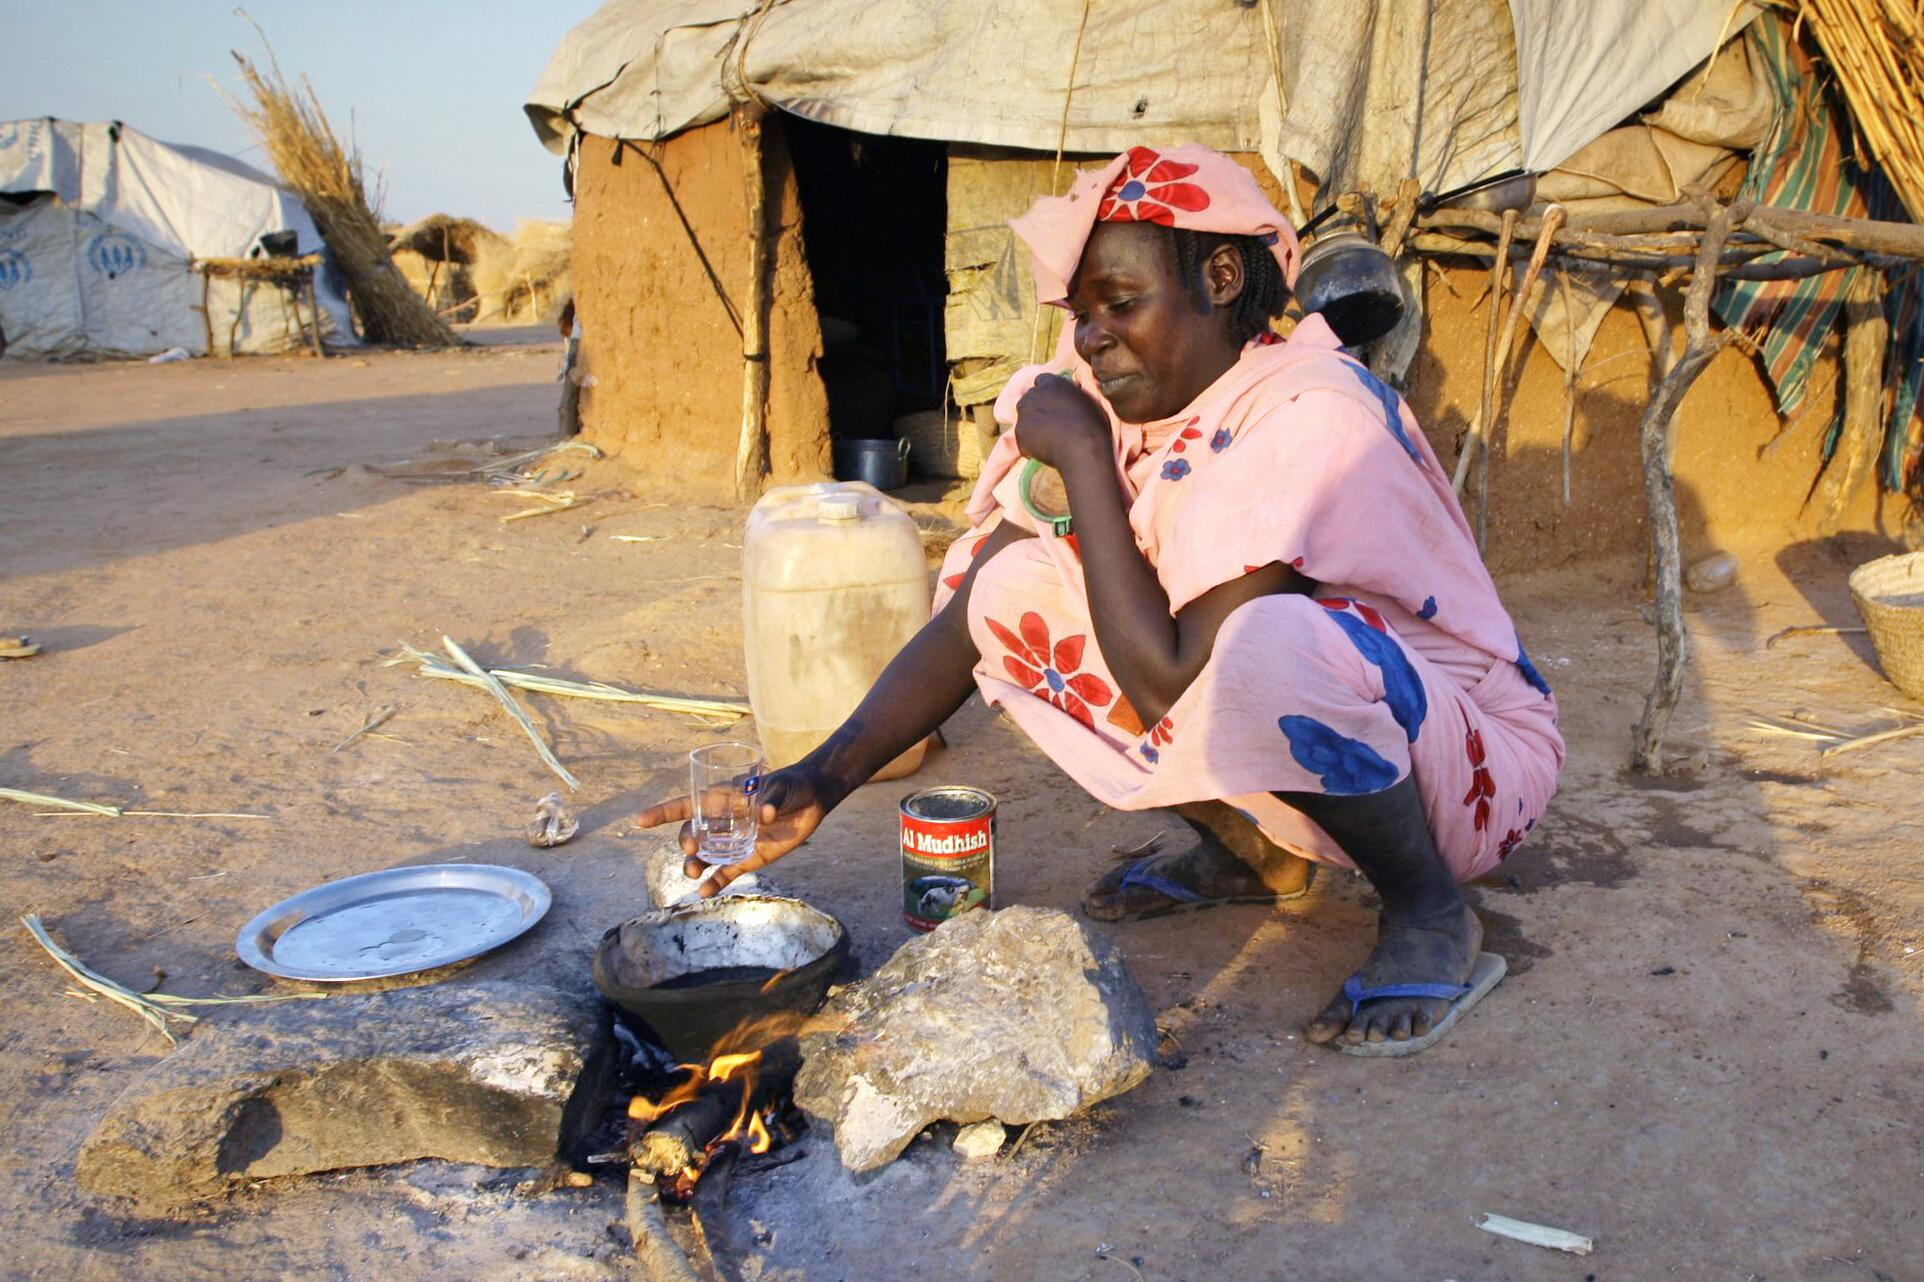 Bild zu Sudan - Eine Frau kocht